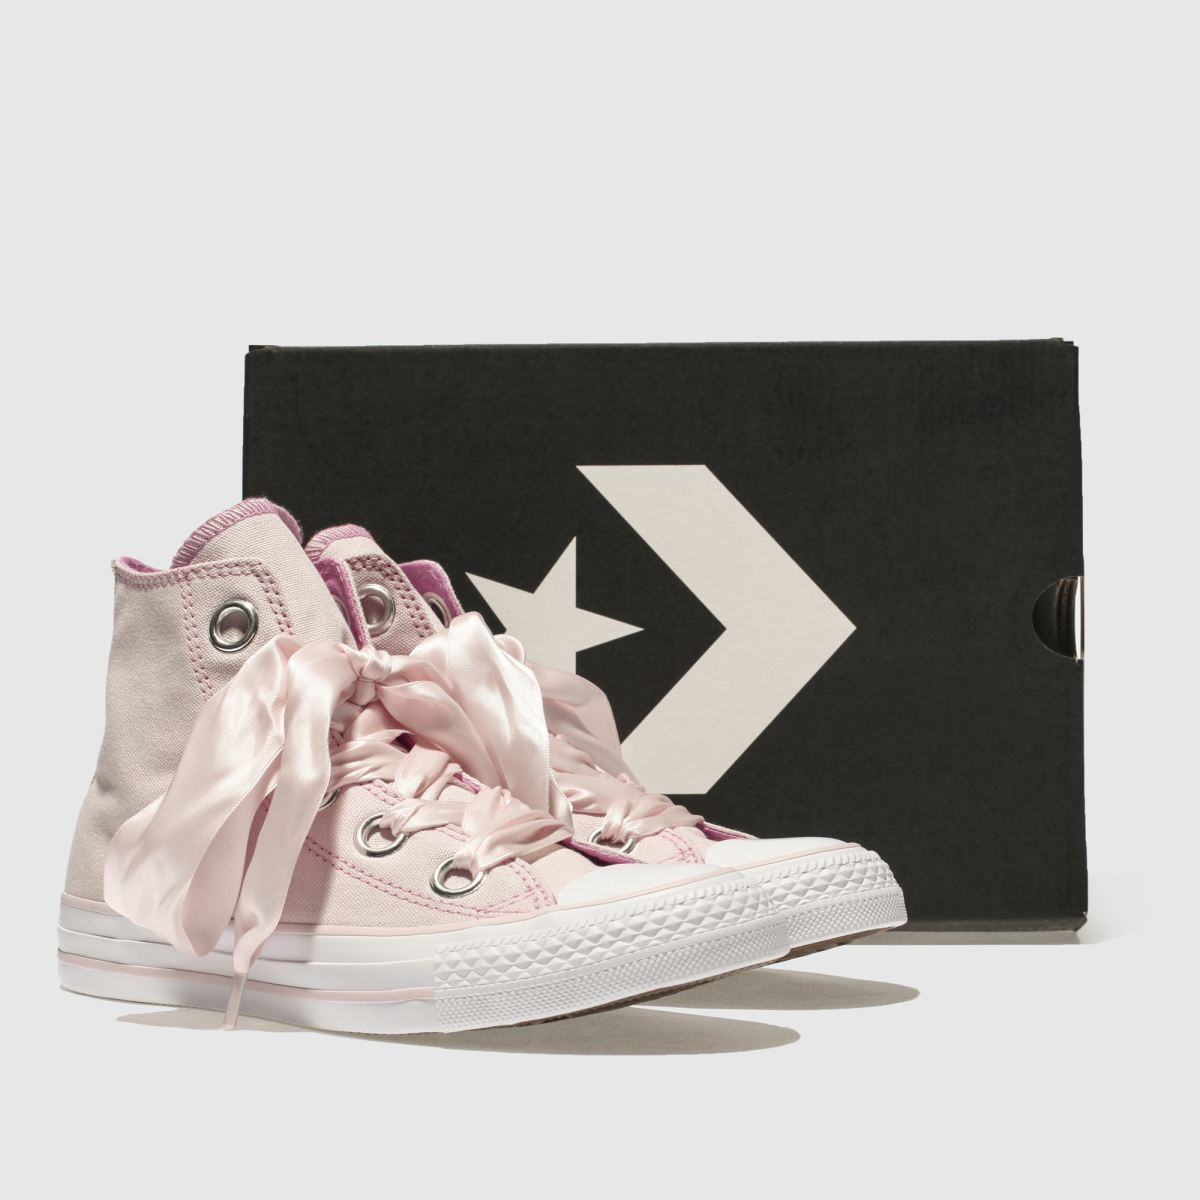 Damen Rosa converse Hi All Star Big Eyelets Hi converse Sneaker | schuh Gute Qualität beliebte Schuhe 5d8235